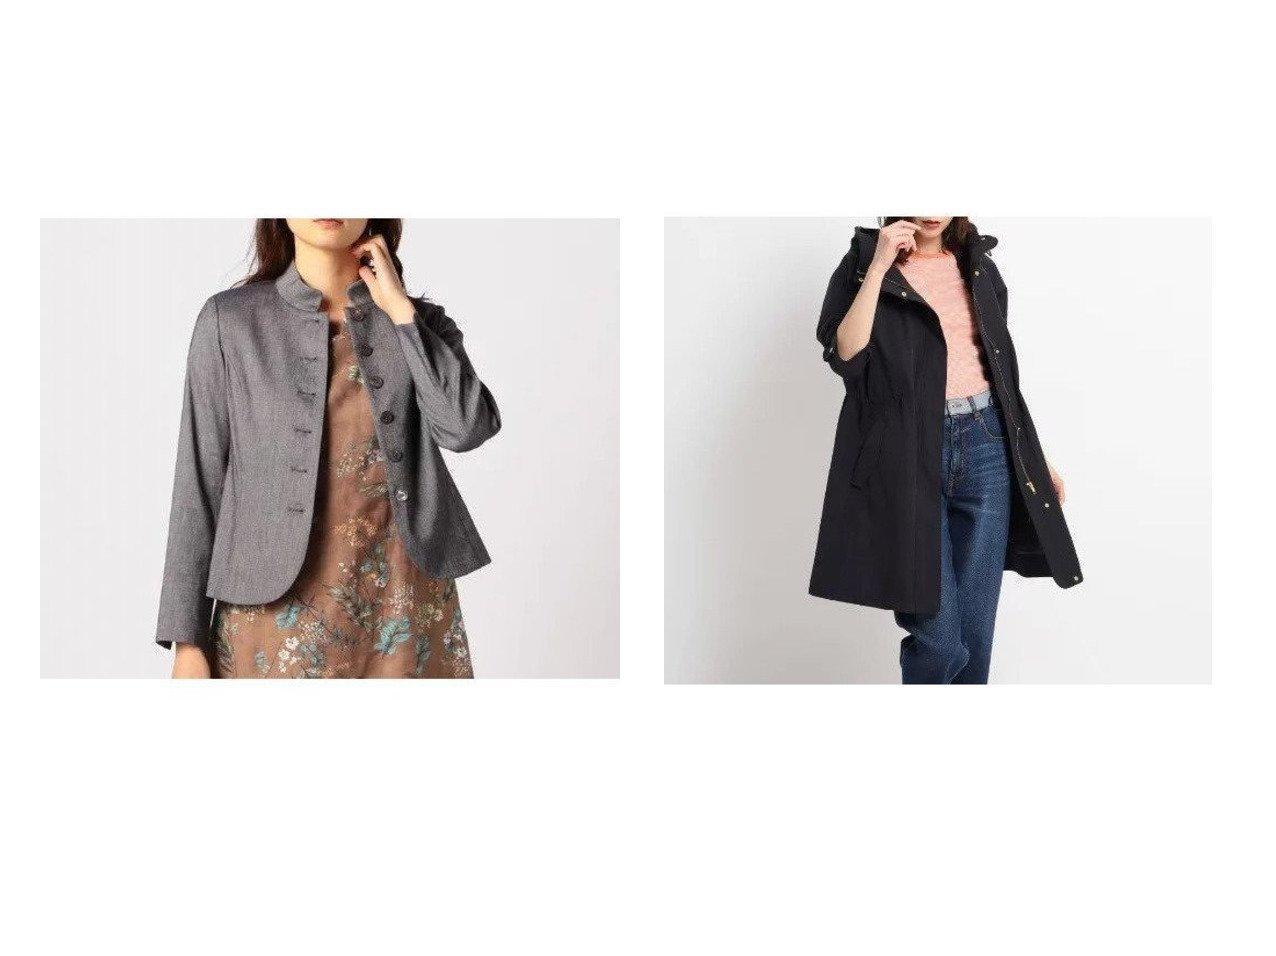 【Dessin/デッサン】のキルトライナー付きフードブルゾン&【SCAPA/スキャパ】のリネンレーヨンストレッチジャケット 【アウター】おすすめ!人気、トレンド・レディースファッションの通販 おすすめで人気の流行・トレンド、ファッションの通販商品 メンズファッション・キッズファッション・インテリア・家具・レディースファッション・服の通販 founy(ファニー) https://founy.com/ ファッション Fashion レディースファッション WOMEN アウター Coat Outerwear ジャケット Jackets ブルゾン Blouson/Jackets キルト シンプル ジャケット ブラウジング ブルゾン ベーシック ライナー ワイヤー シェイプ スタンド ストレッチ スリット リネン |ID:crp329100000030477